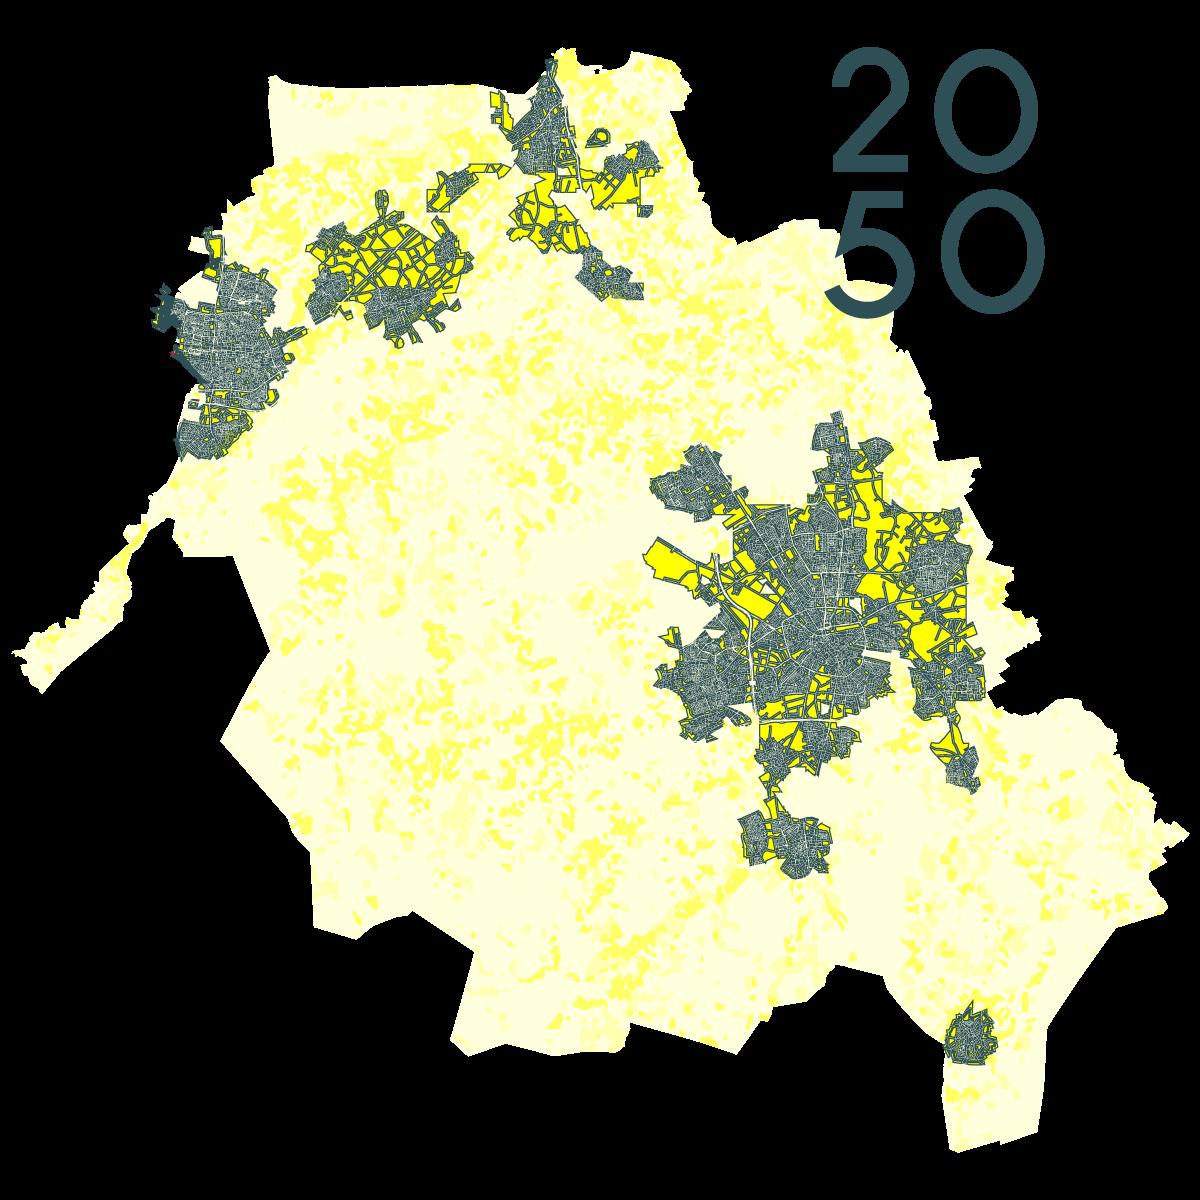 worm-op-rode-lijst-2050